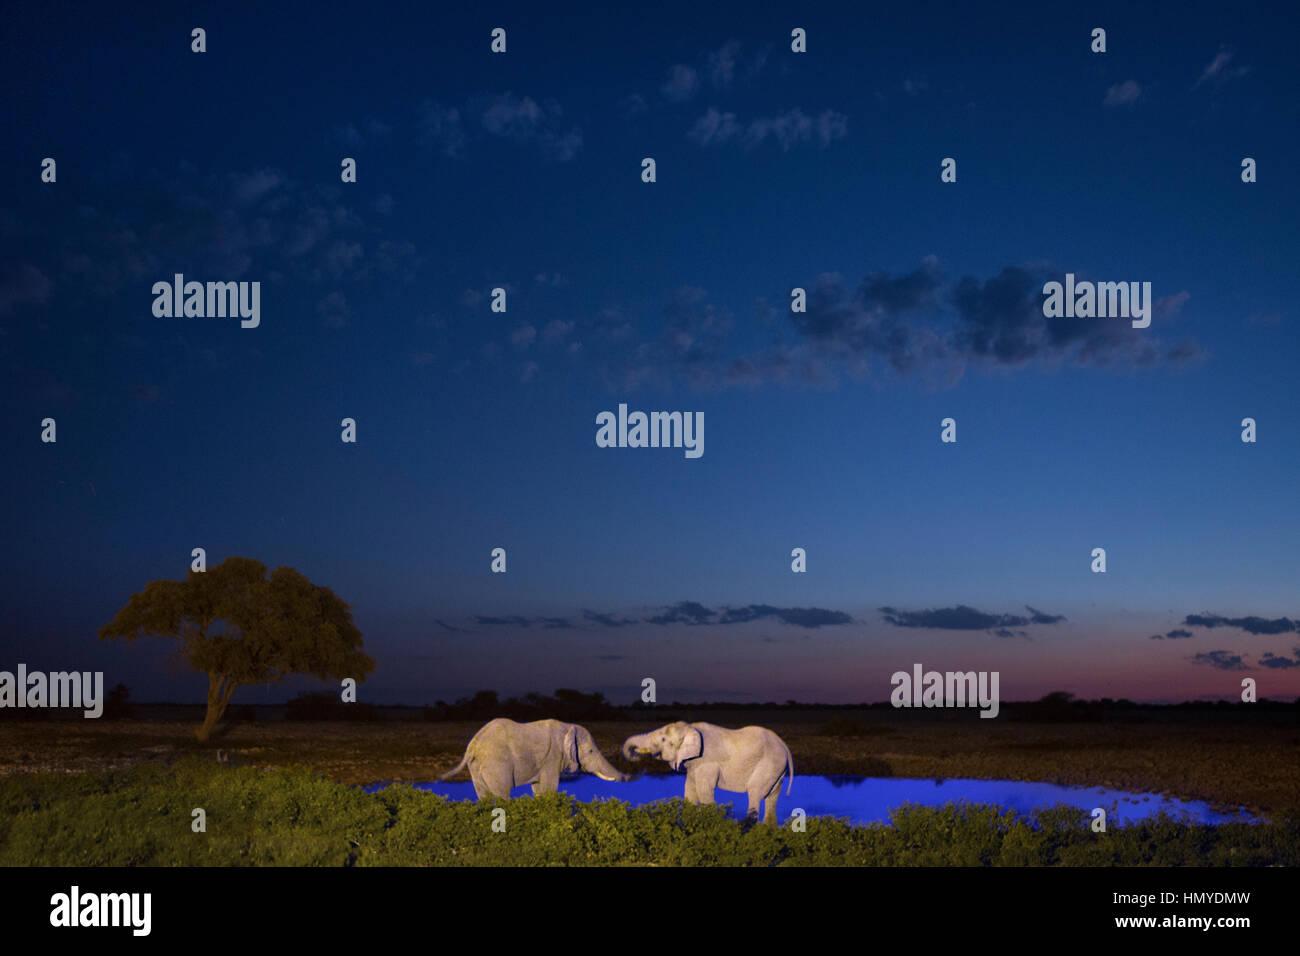 Elephant in Etosha National Park, Namibia. - Stock Image